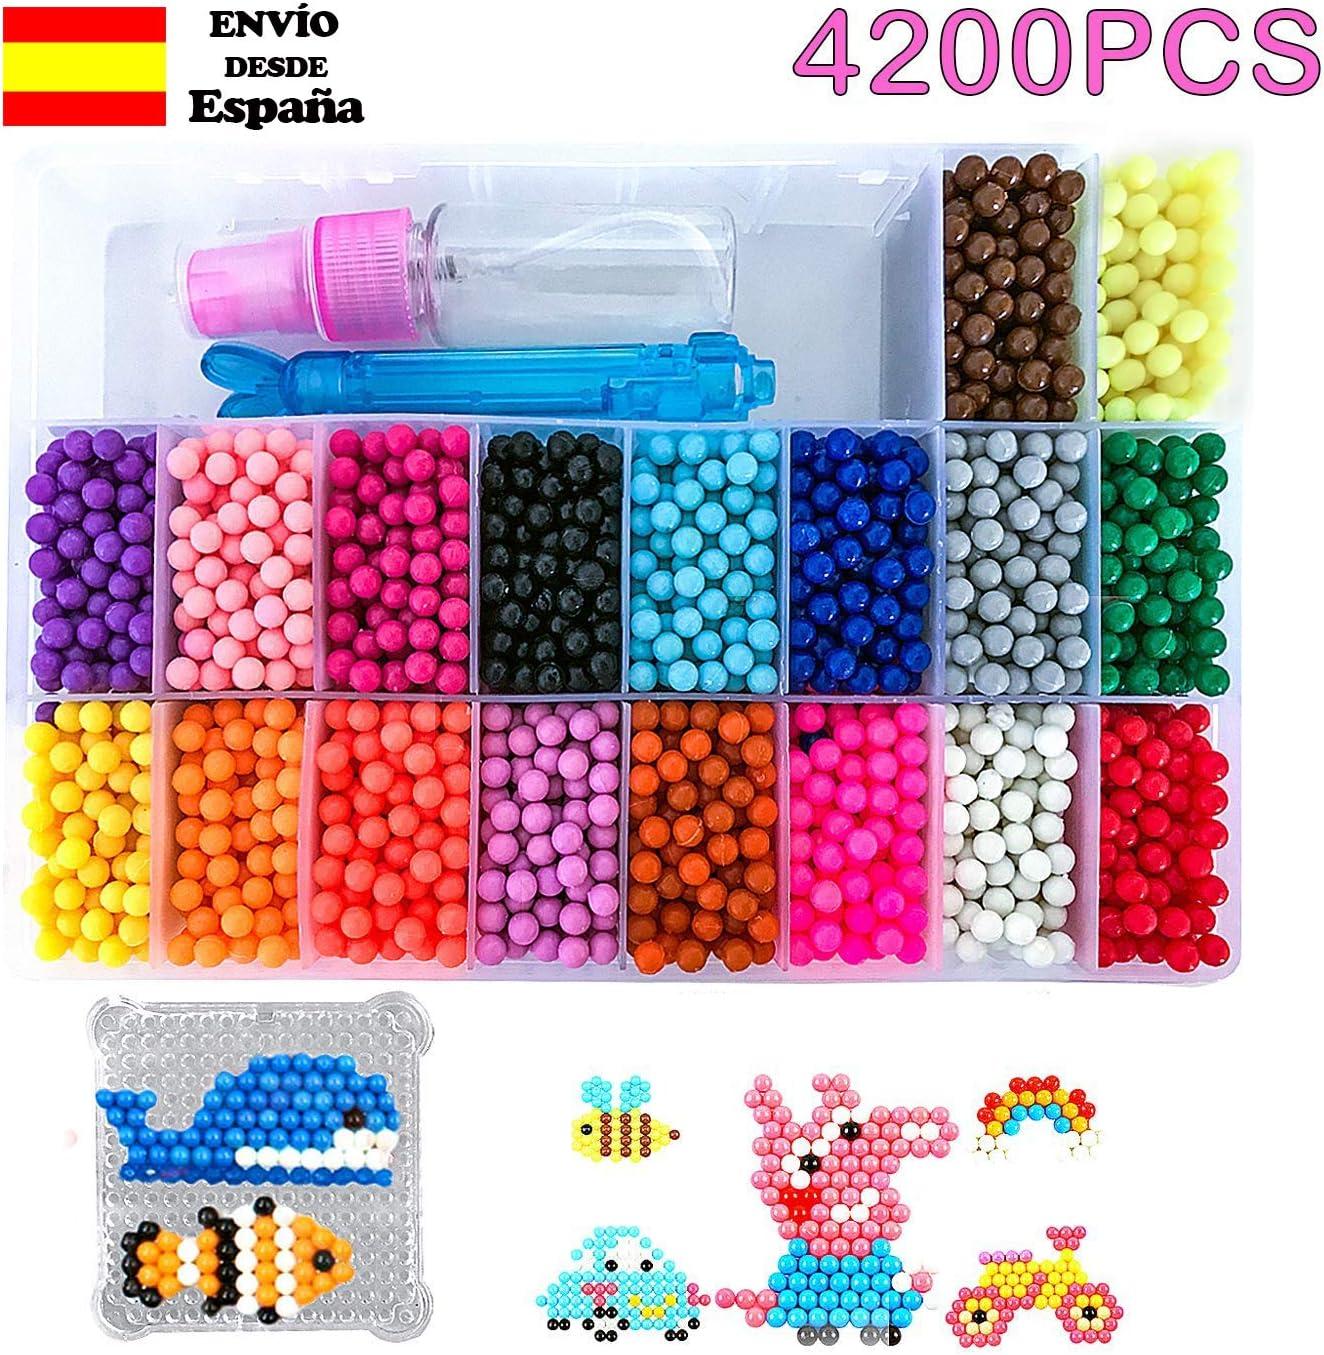 shafier Abalorios Cuentas de Agua 4200 Perlas 18 Colors/Hama Beads/para Niños DIY Artesanía Juguetes Educativos DIY